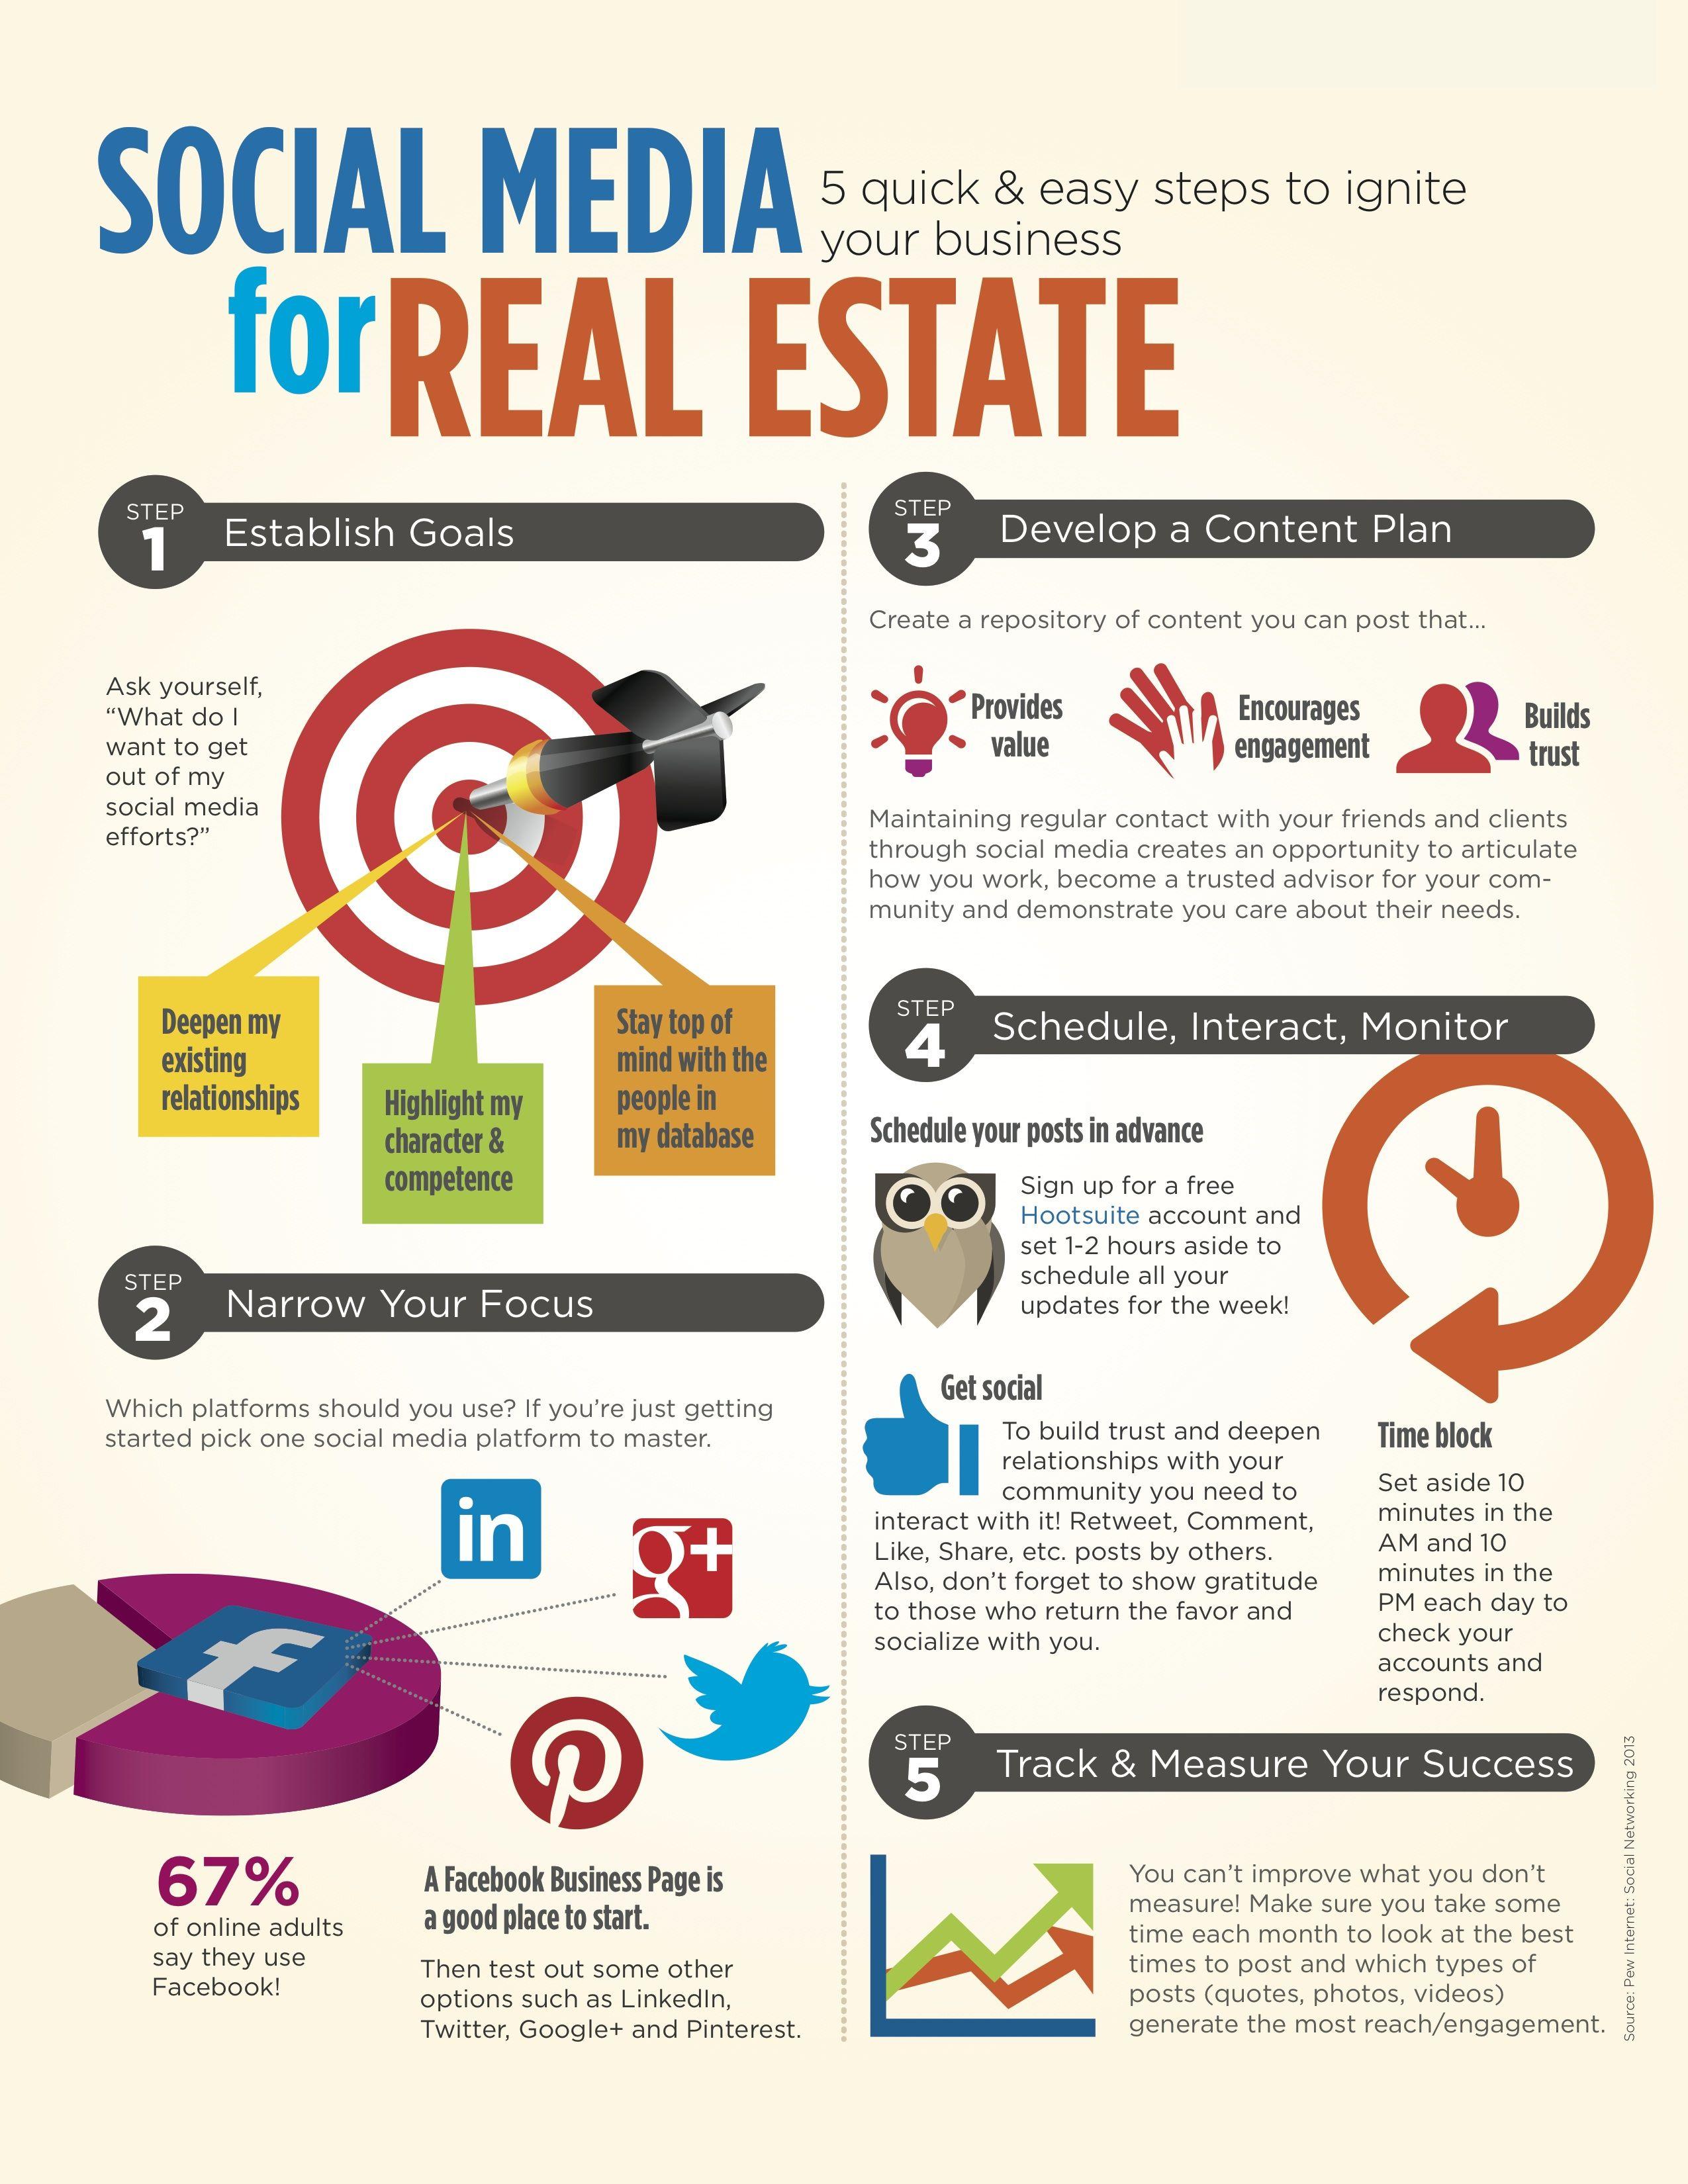 realtor social media plan Social Media for Real Estate | Social Media, Marketing